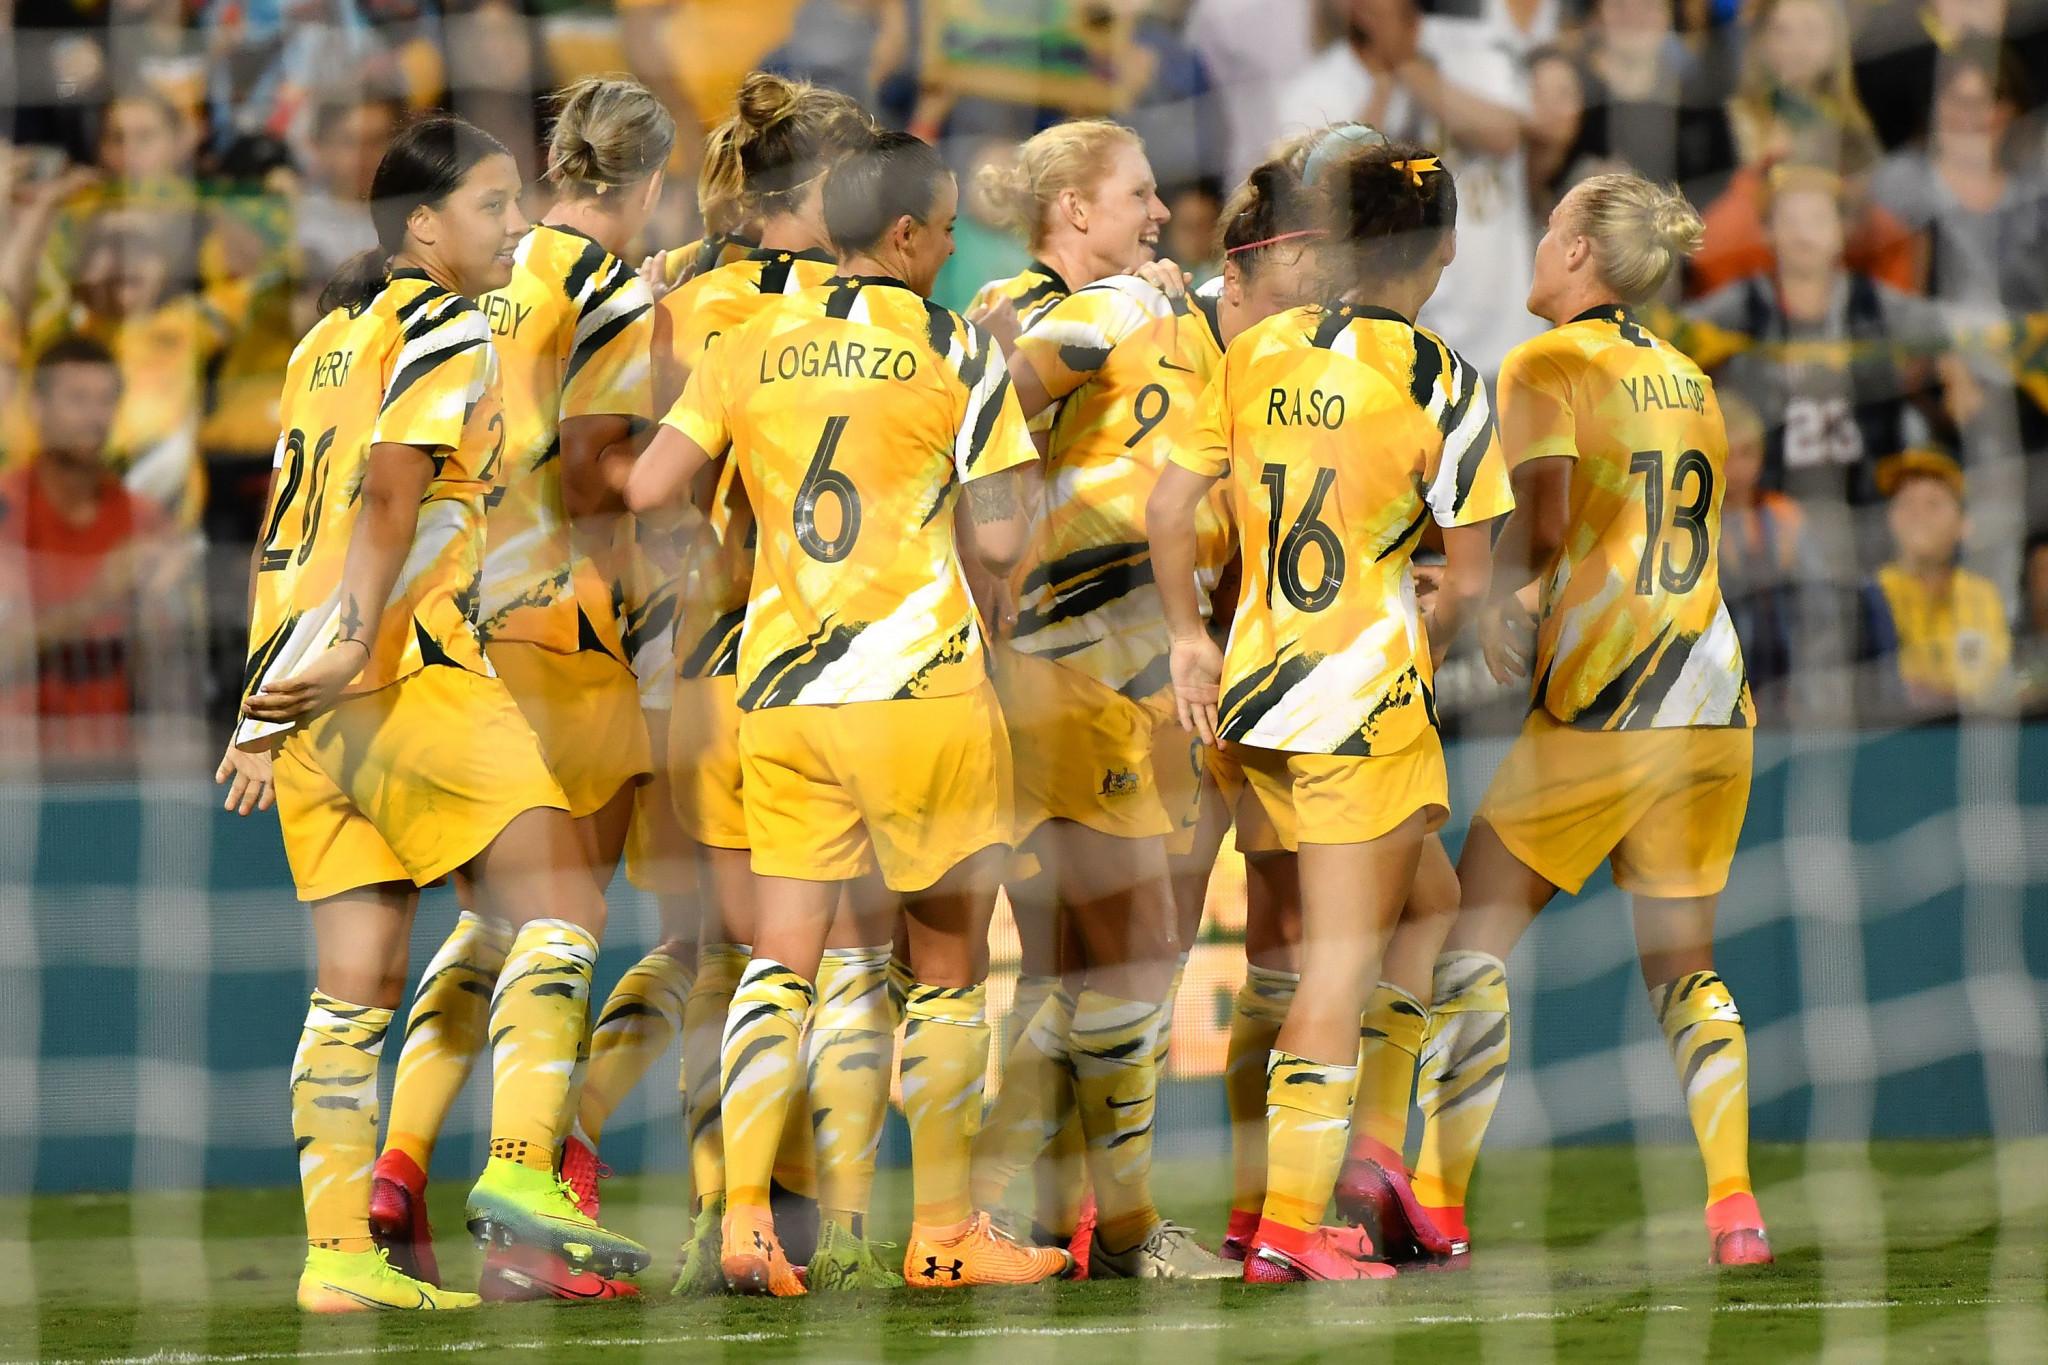 호주는 지난해 베트남을 제치고 2020 도쿄 여자 올림픽 축구 선수권 대회에서 아시아 2 곳 중 하나를 차지했다. © Getty Images